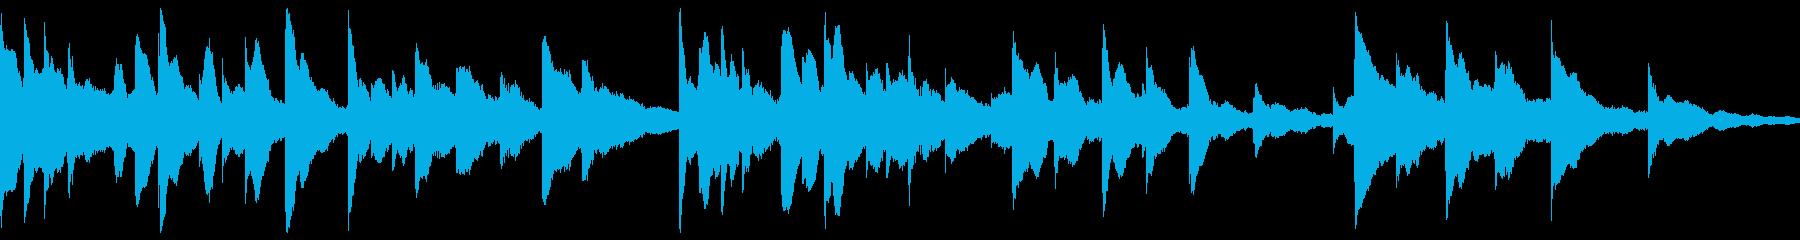 どこか懐かしい感じのオルゴールの再生済みの波形